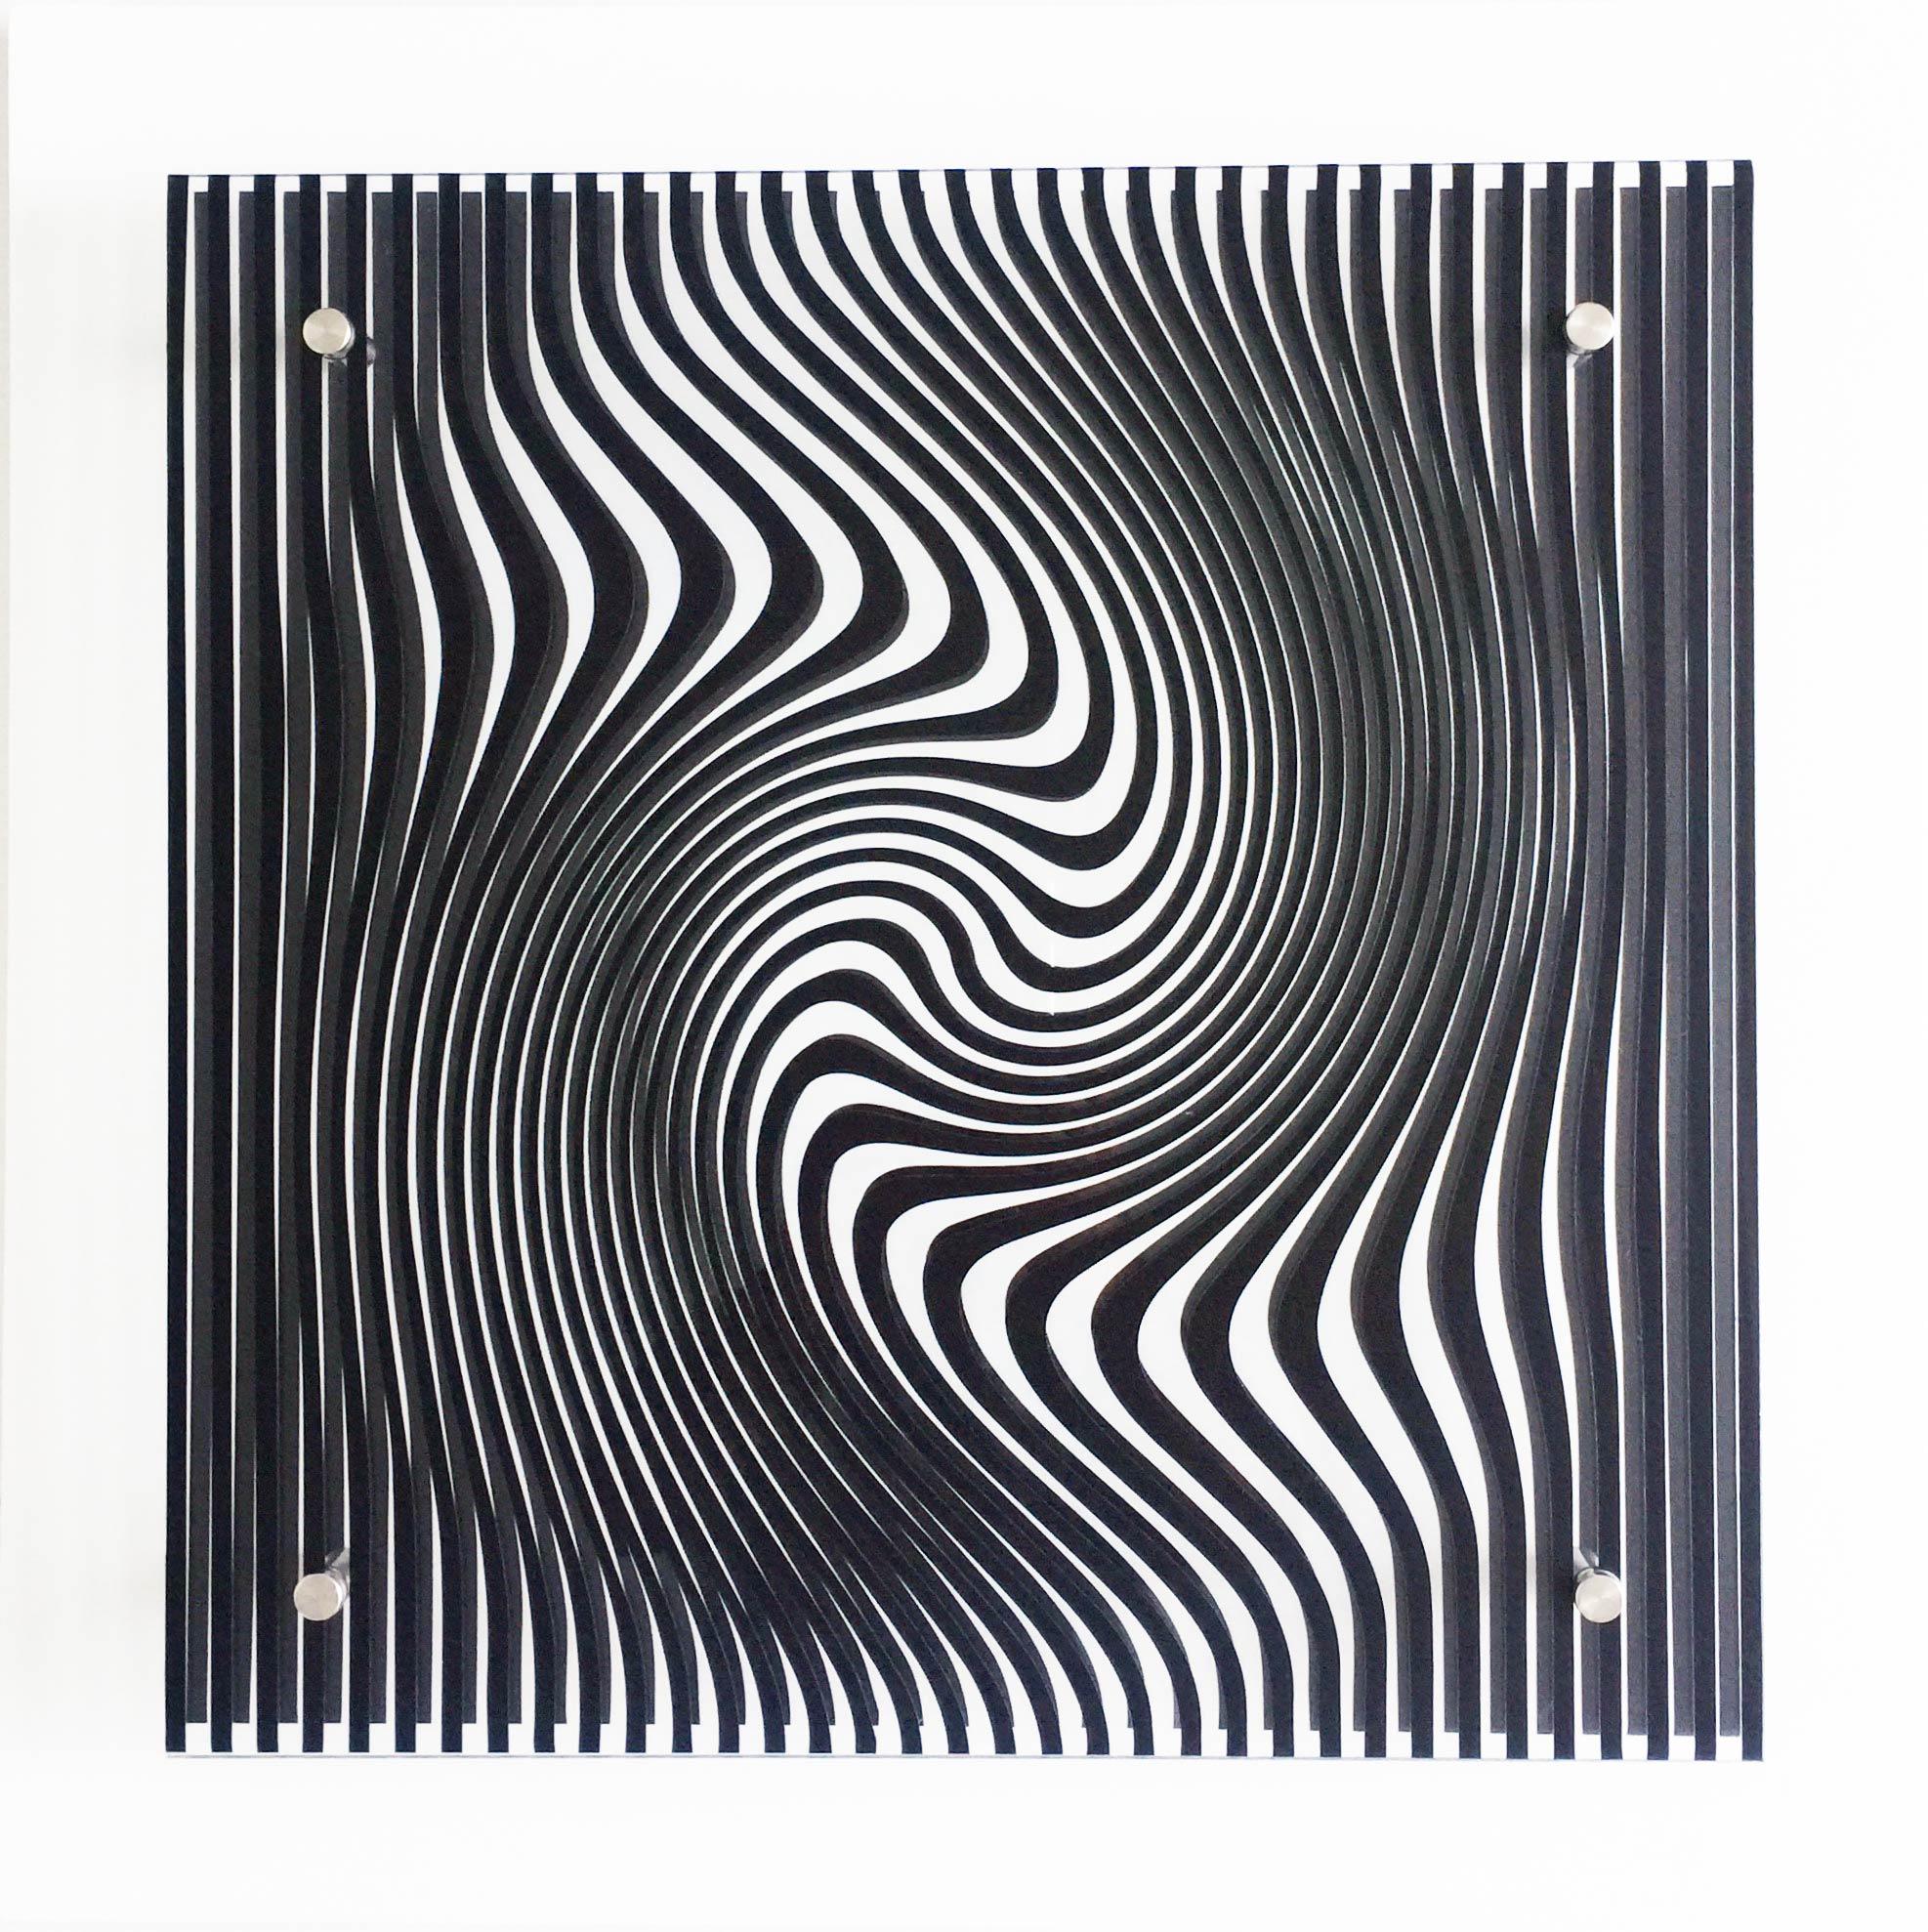 Ecliptic Illusion